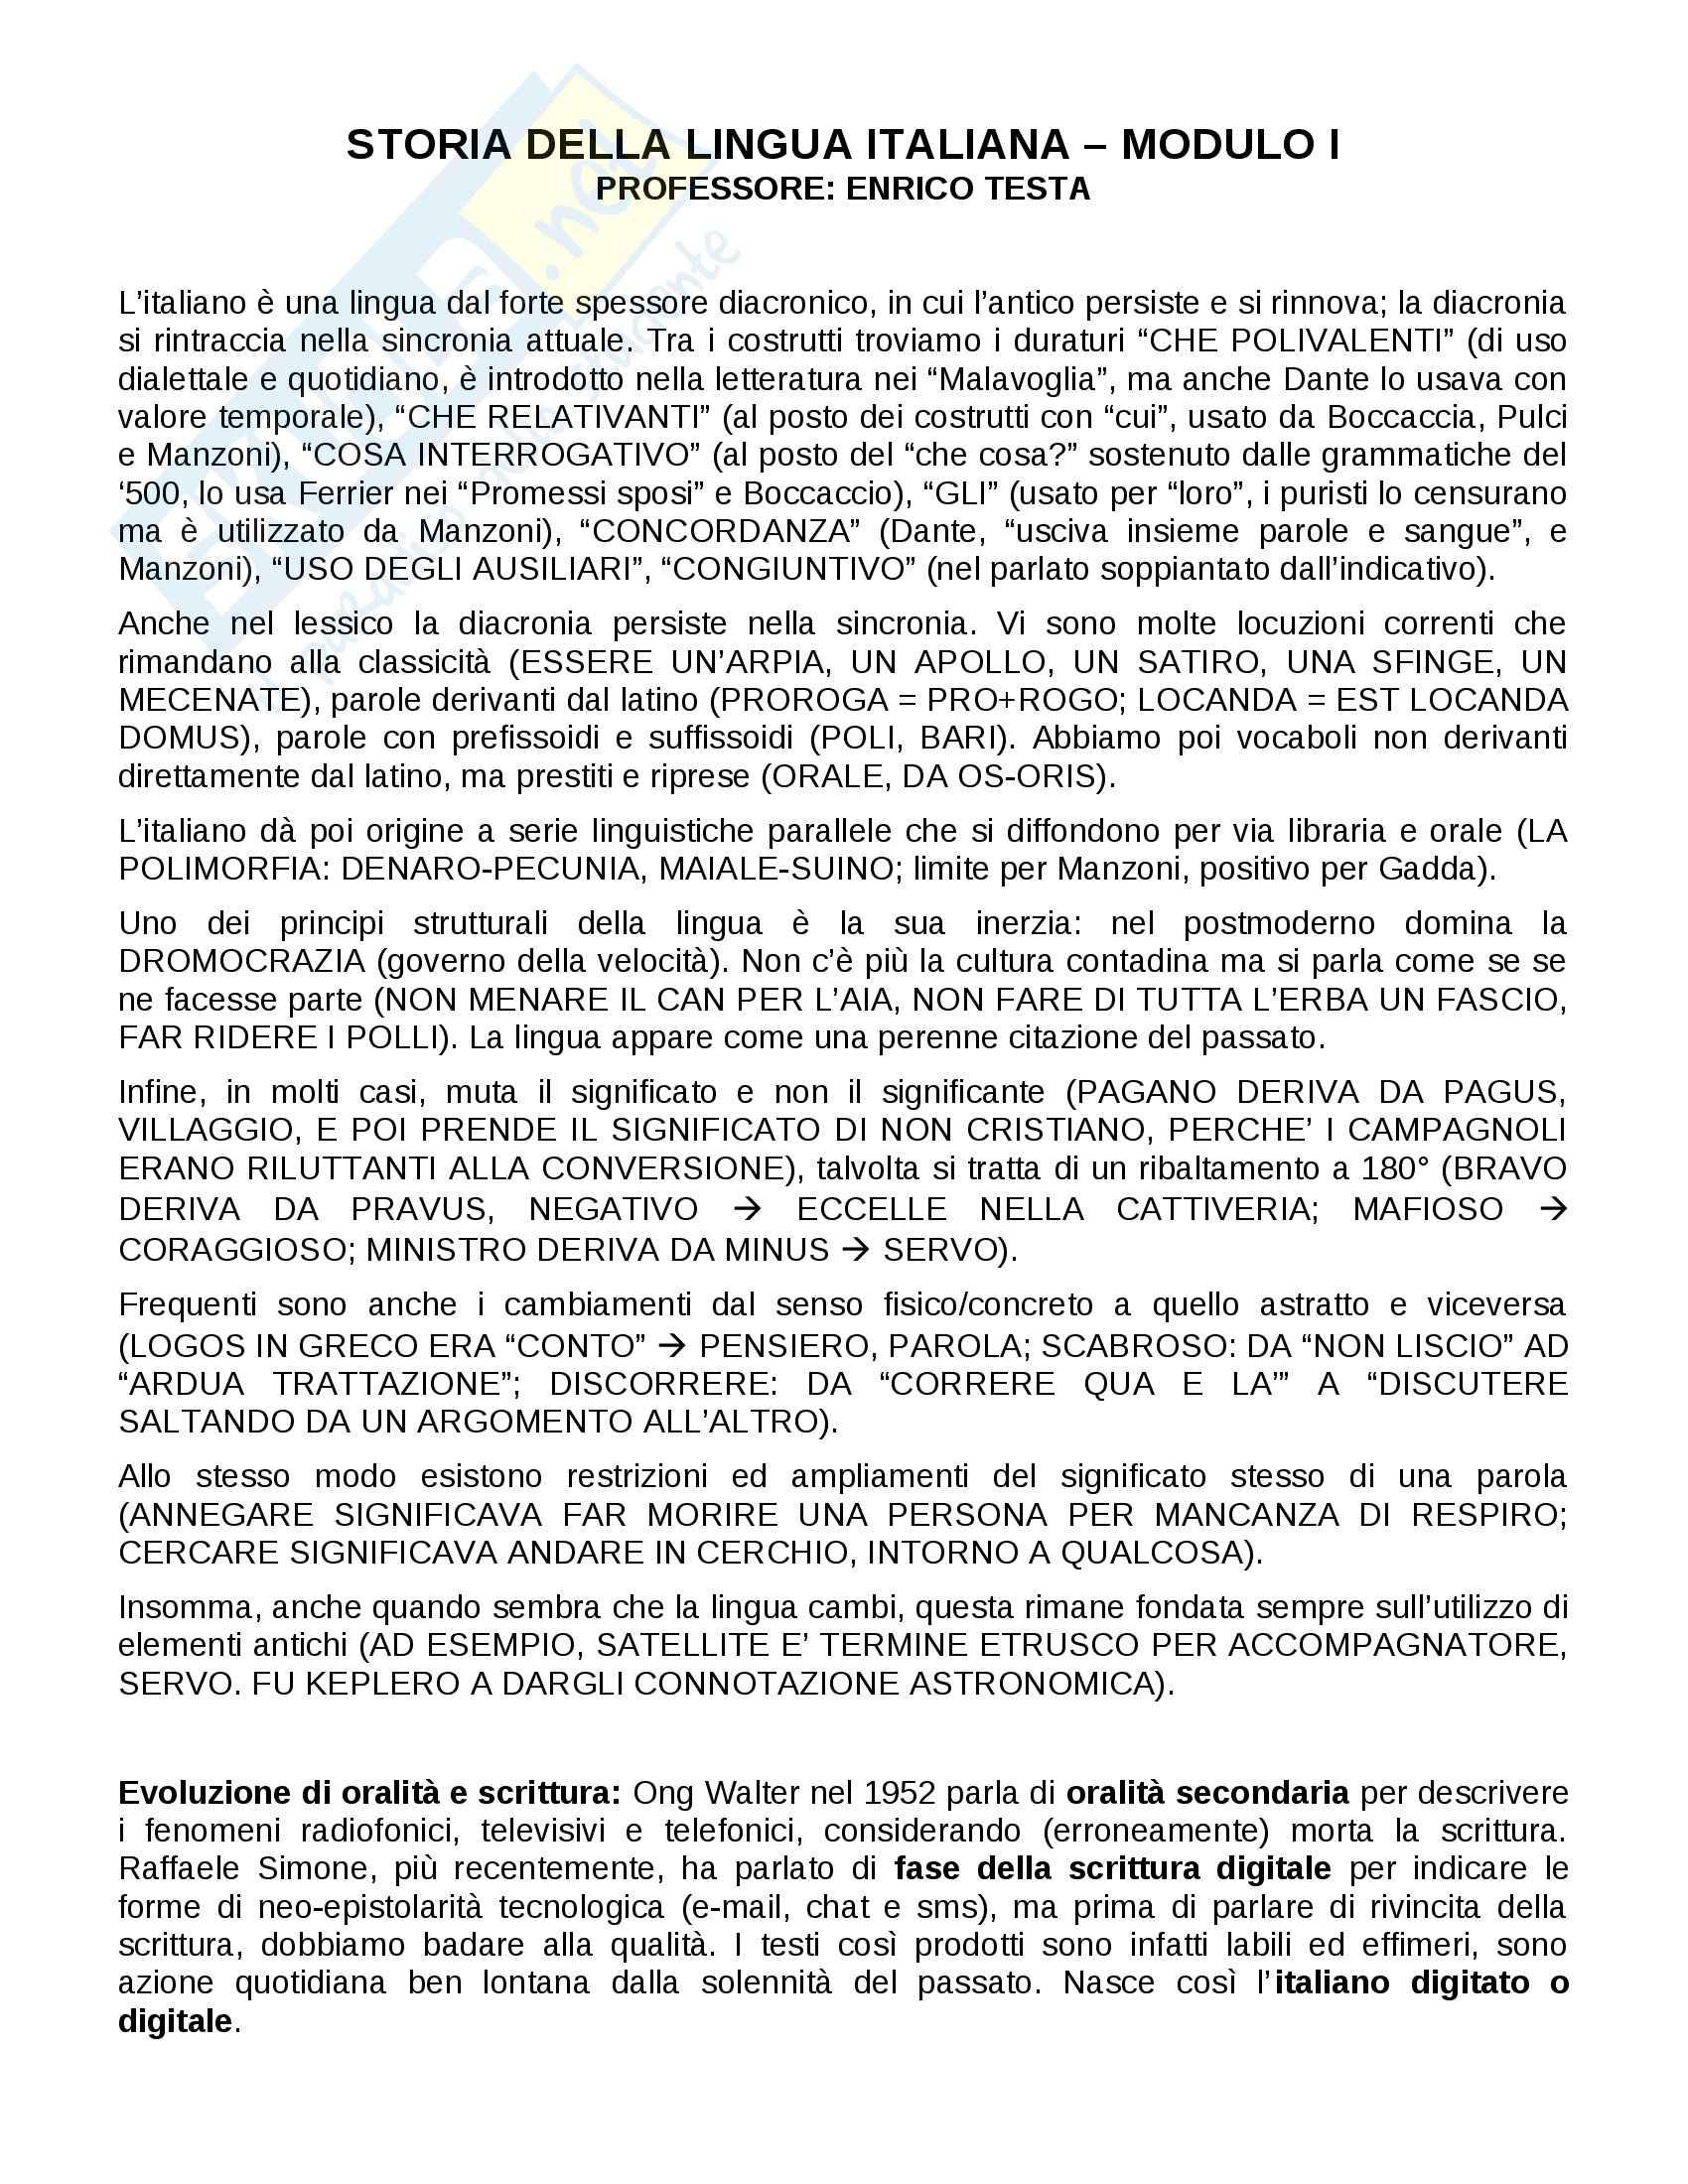 appunto E. Testa Storia della lingua italiana